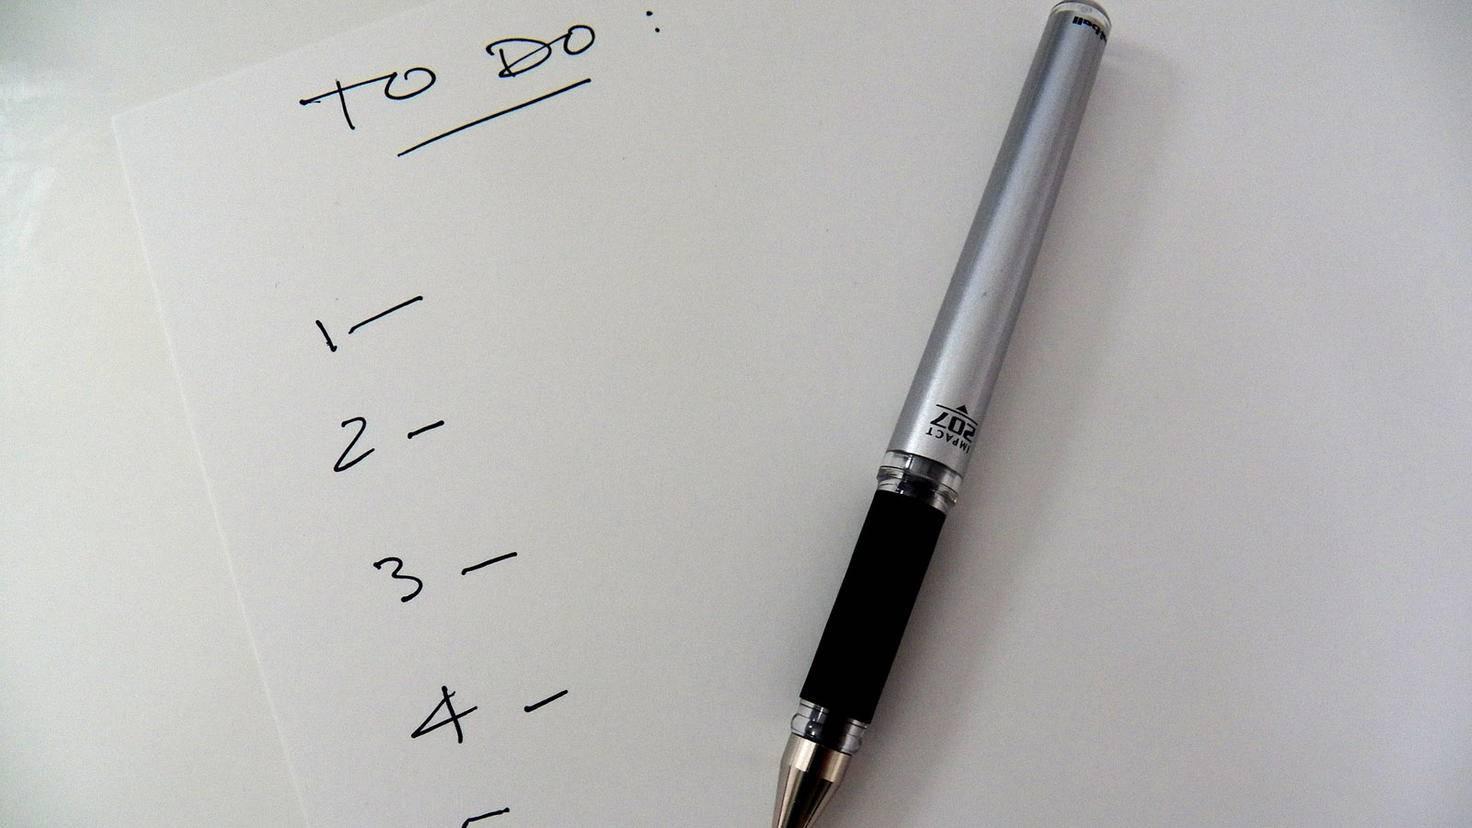 Wer Aufgaben nach Priorität ordnet, behält den Überblick und verbessert die Planung.